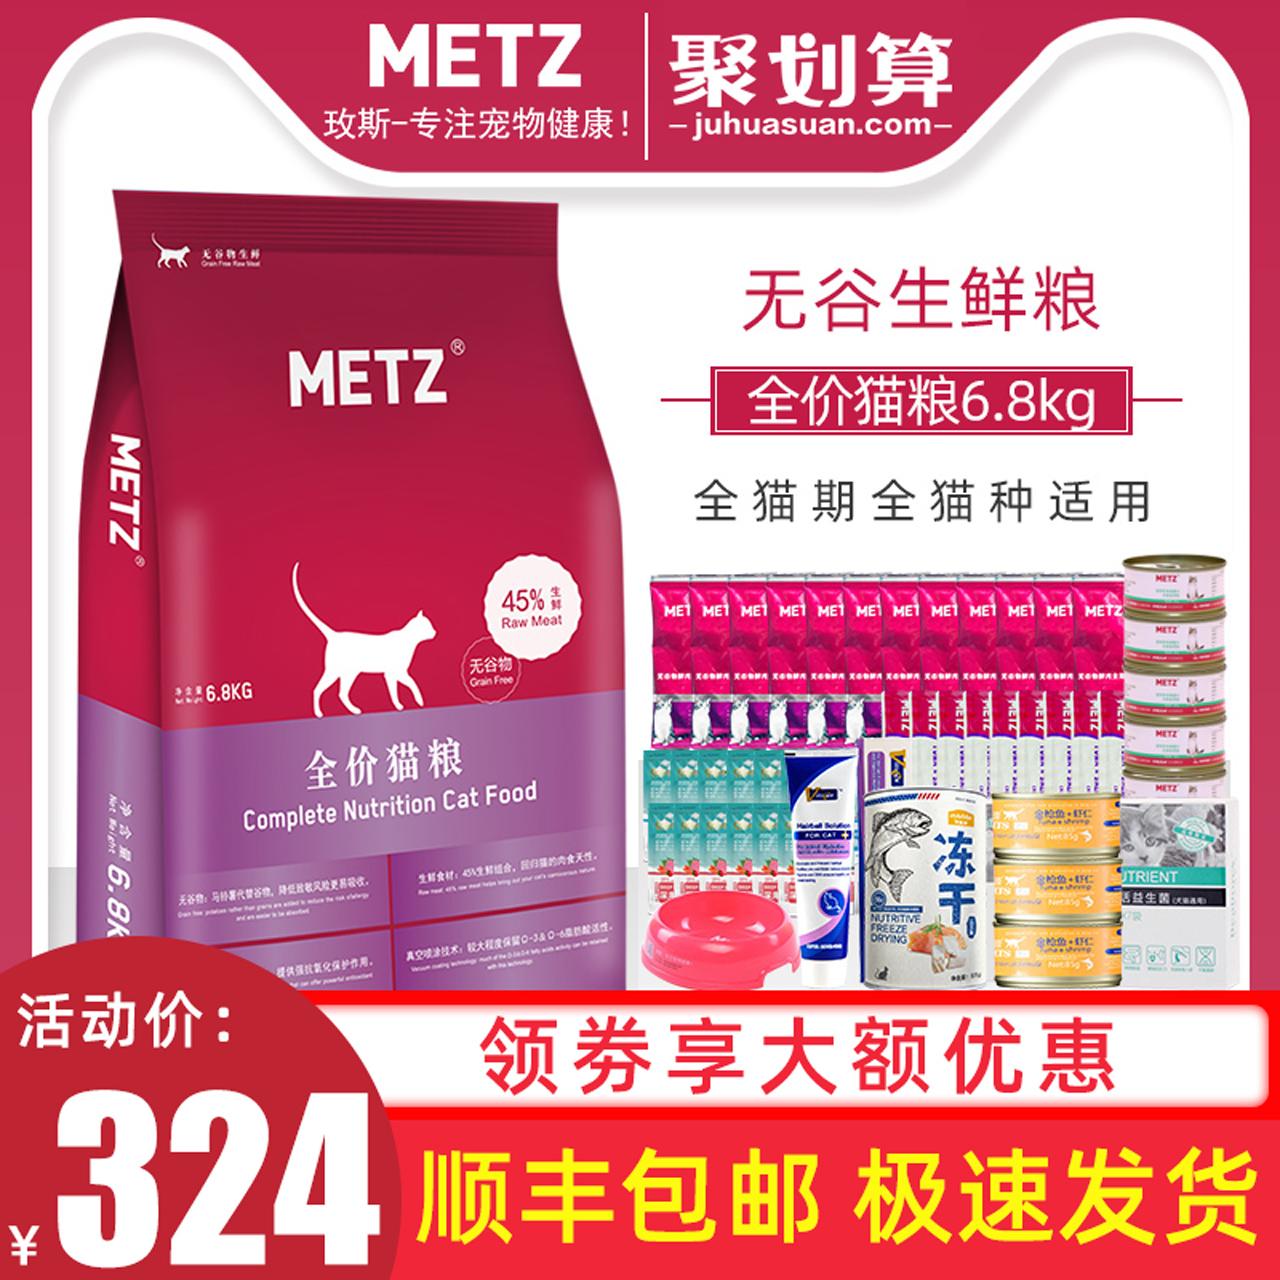 METZ玫斯猫粮6.8kg无谷鲜肉枚斯猫粮15磅成猫幼猫全<a href=